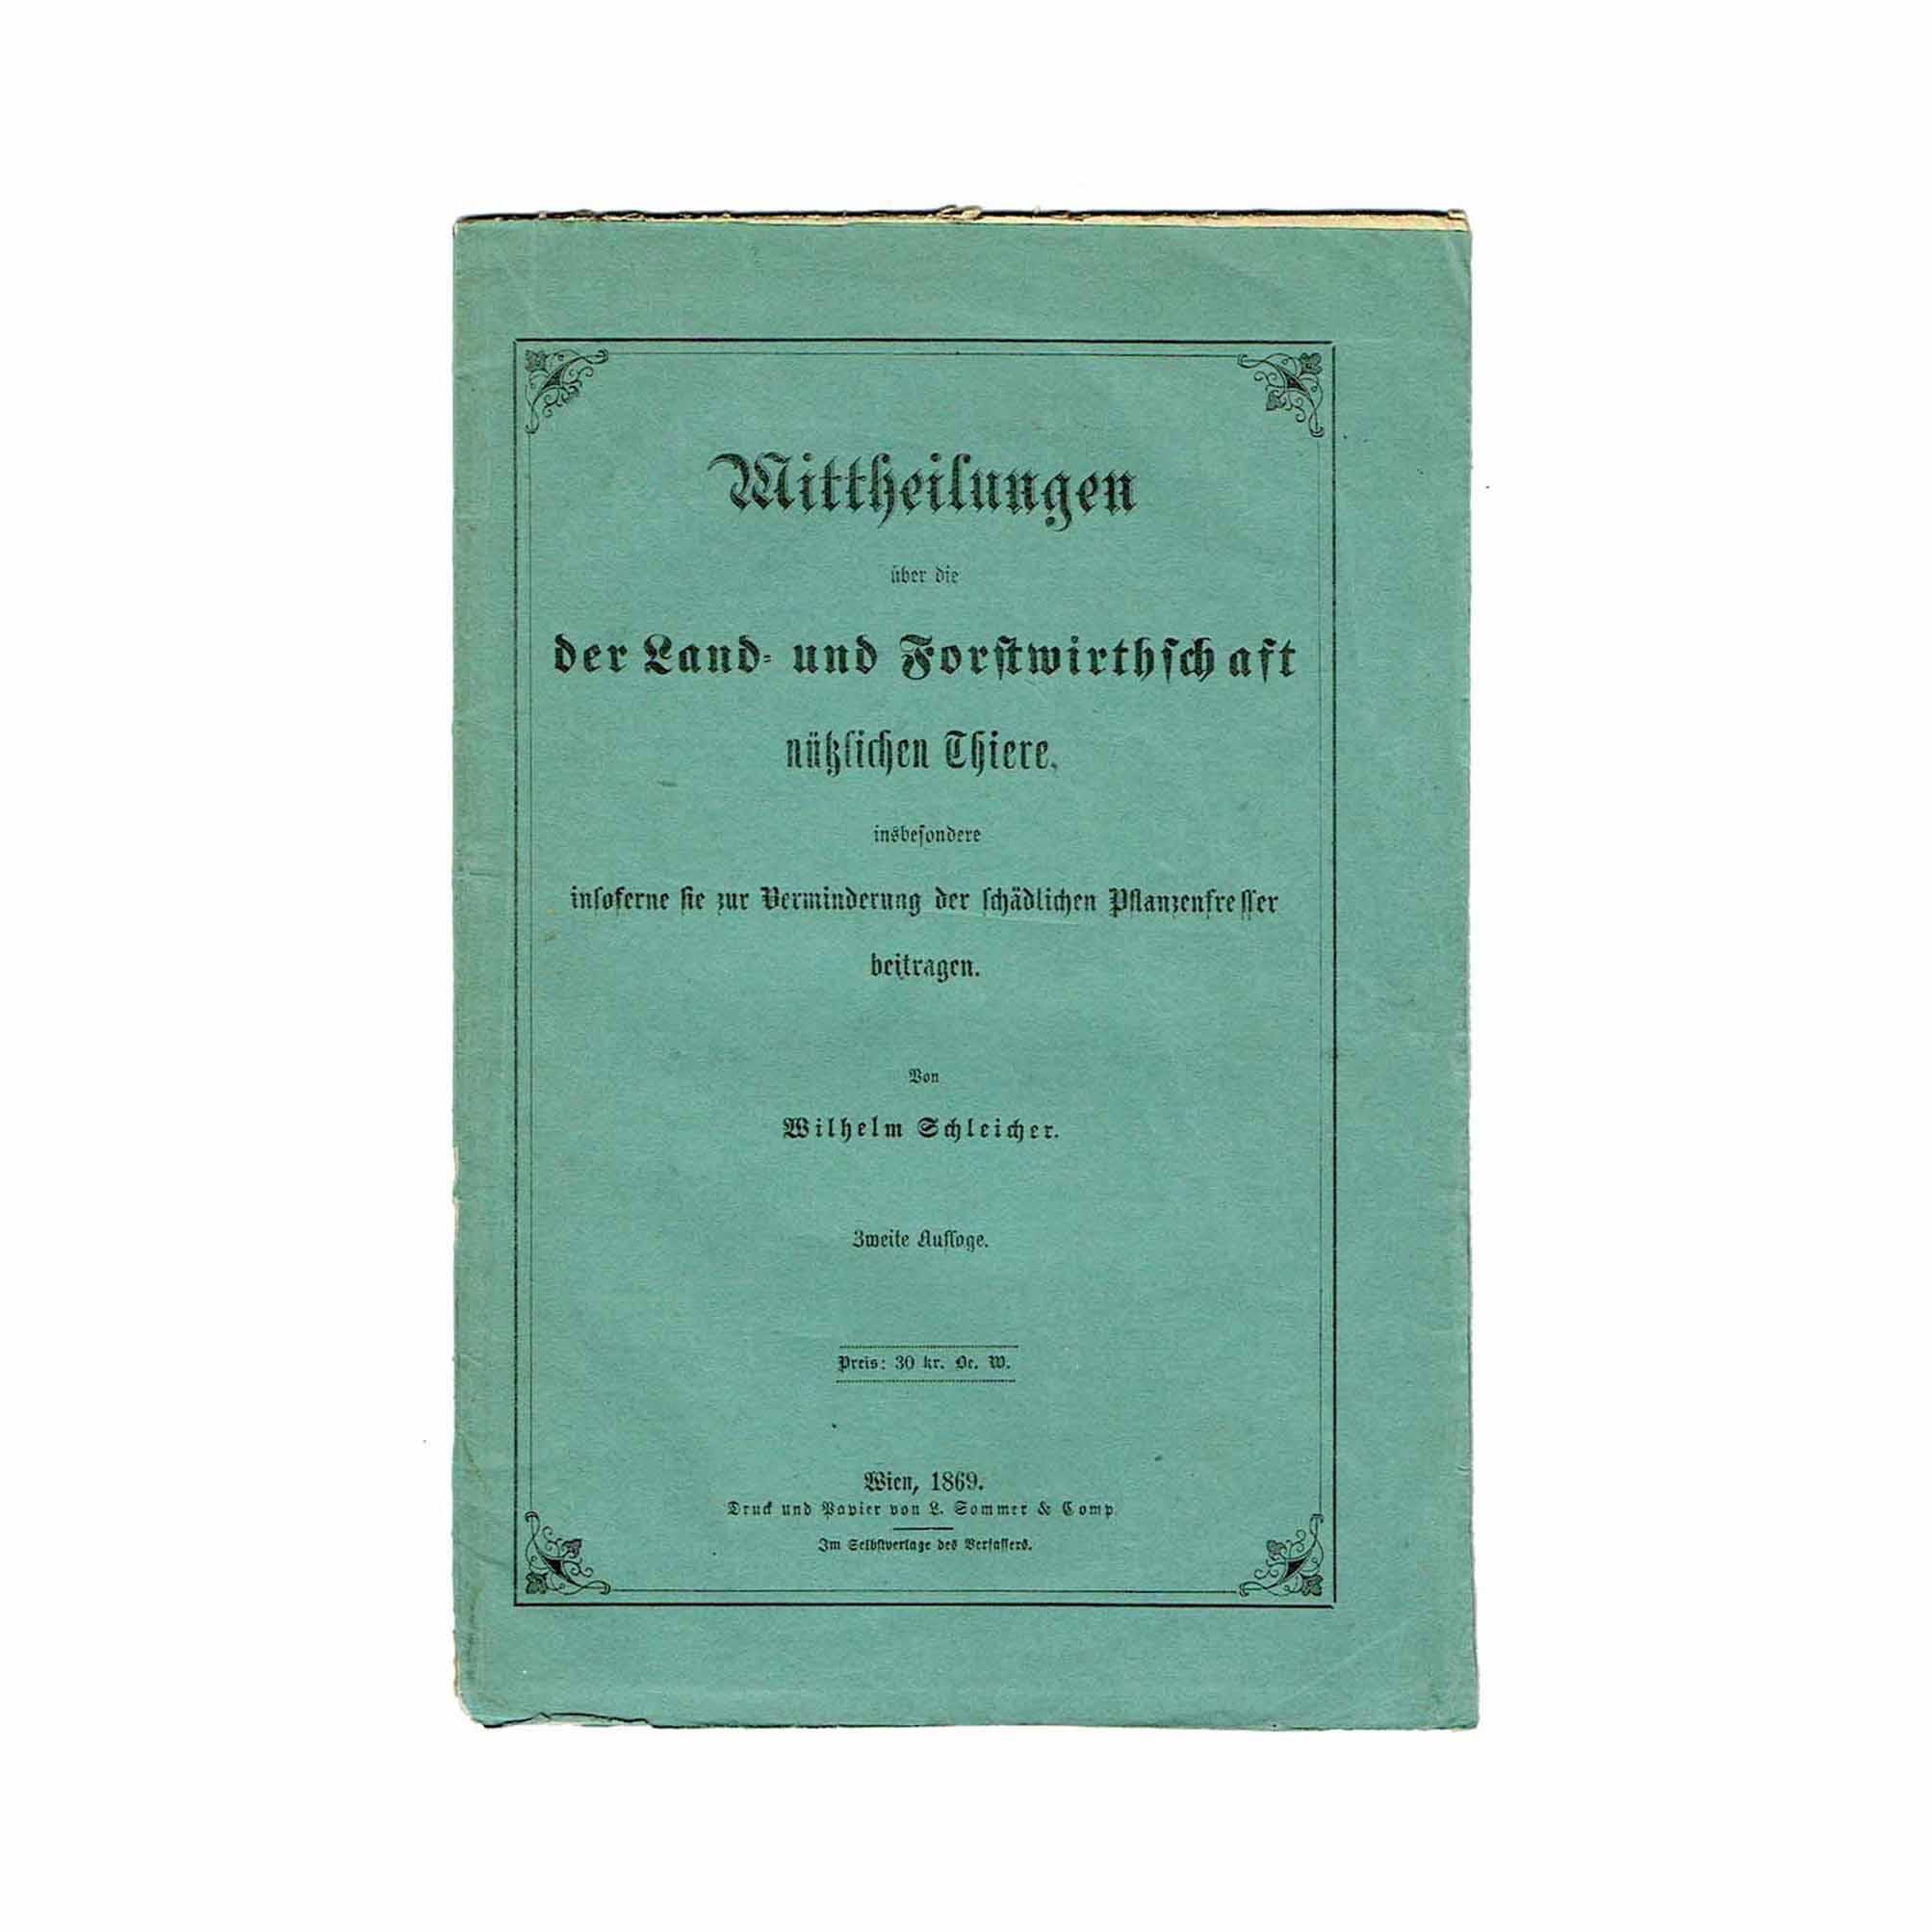 5788-Schleicher-Nuetzliche-Thiere-1869-Uschlag-recto-A-N.jpg